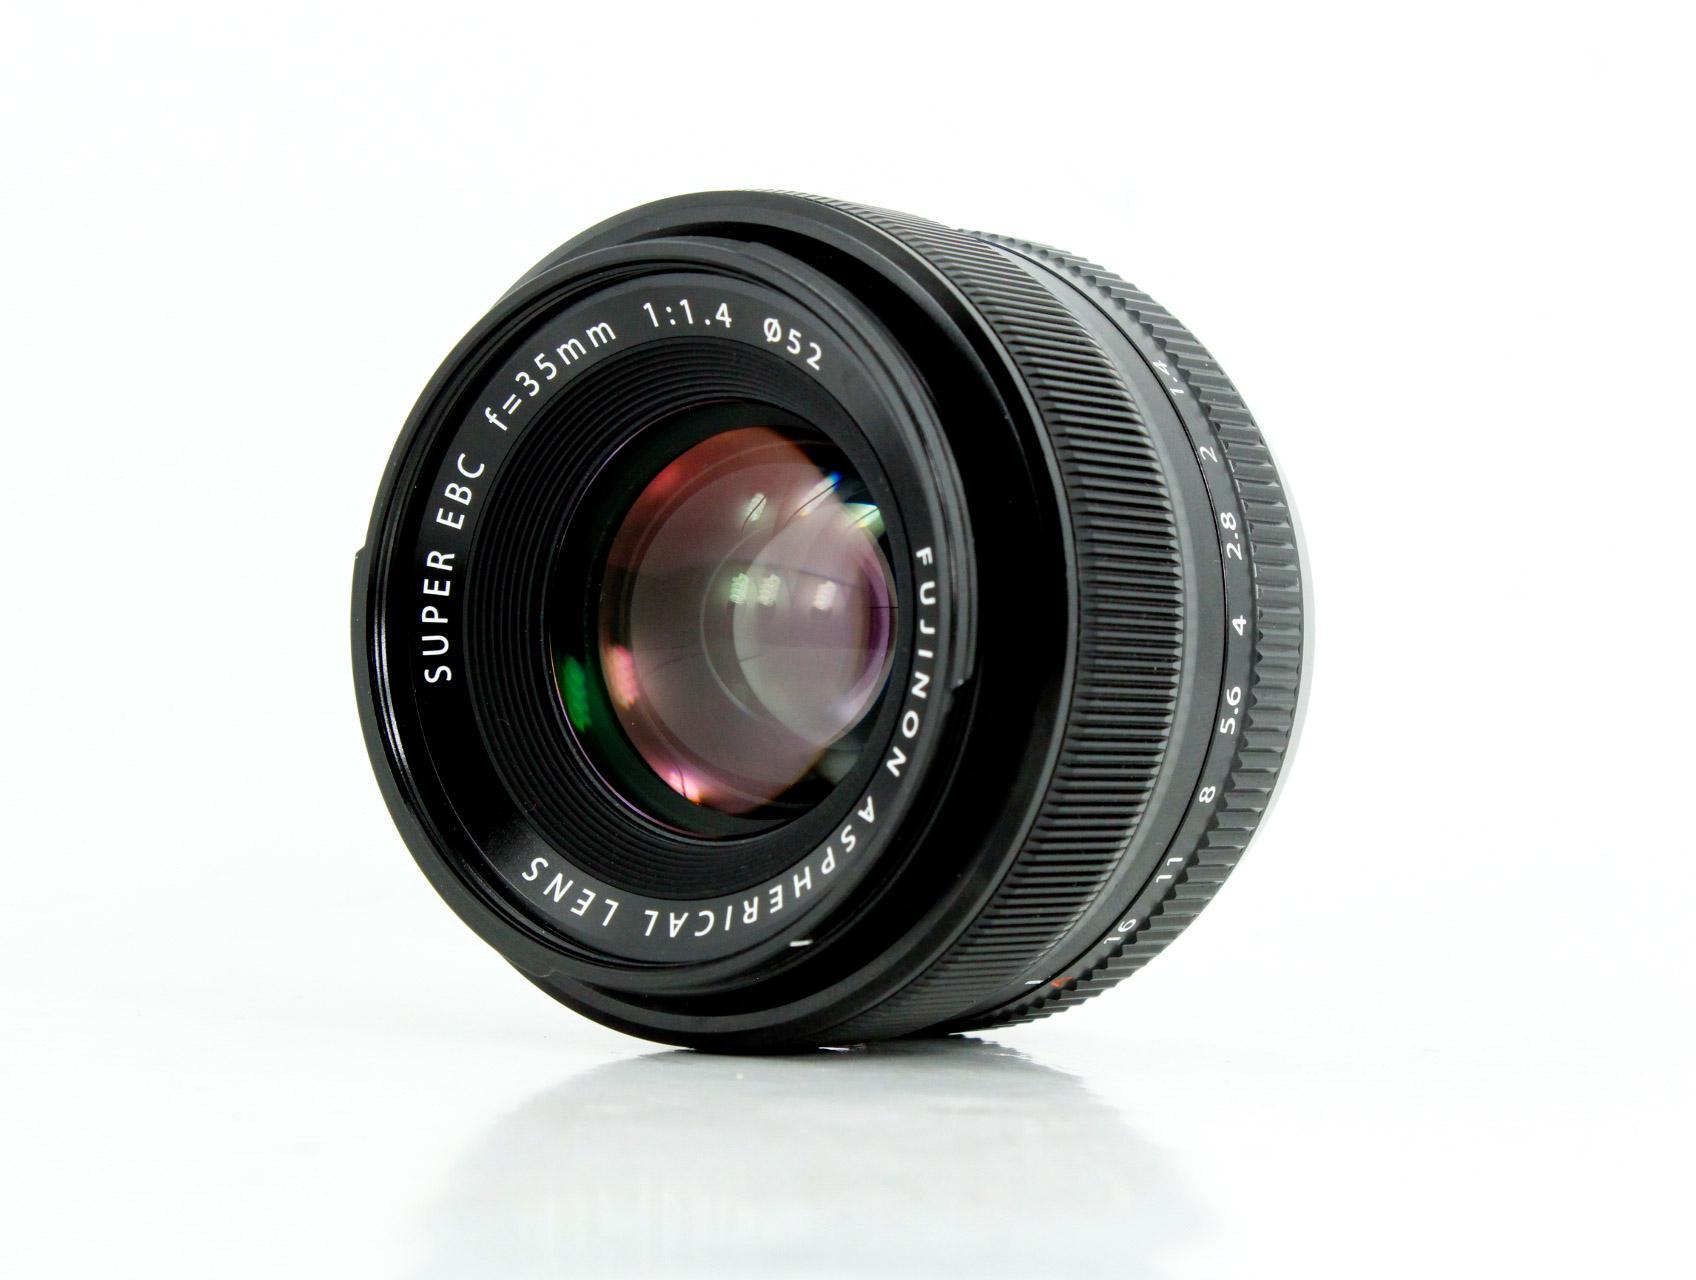 fuji35mmf1.4 image